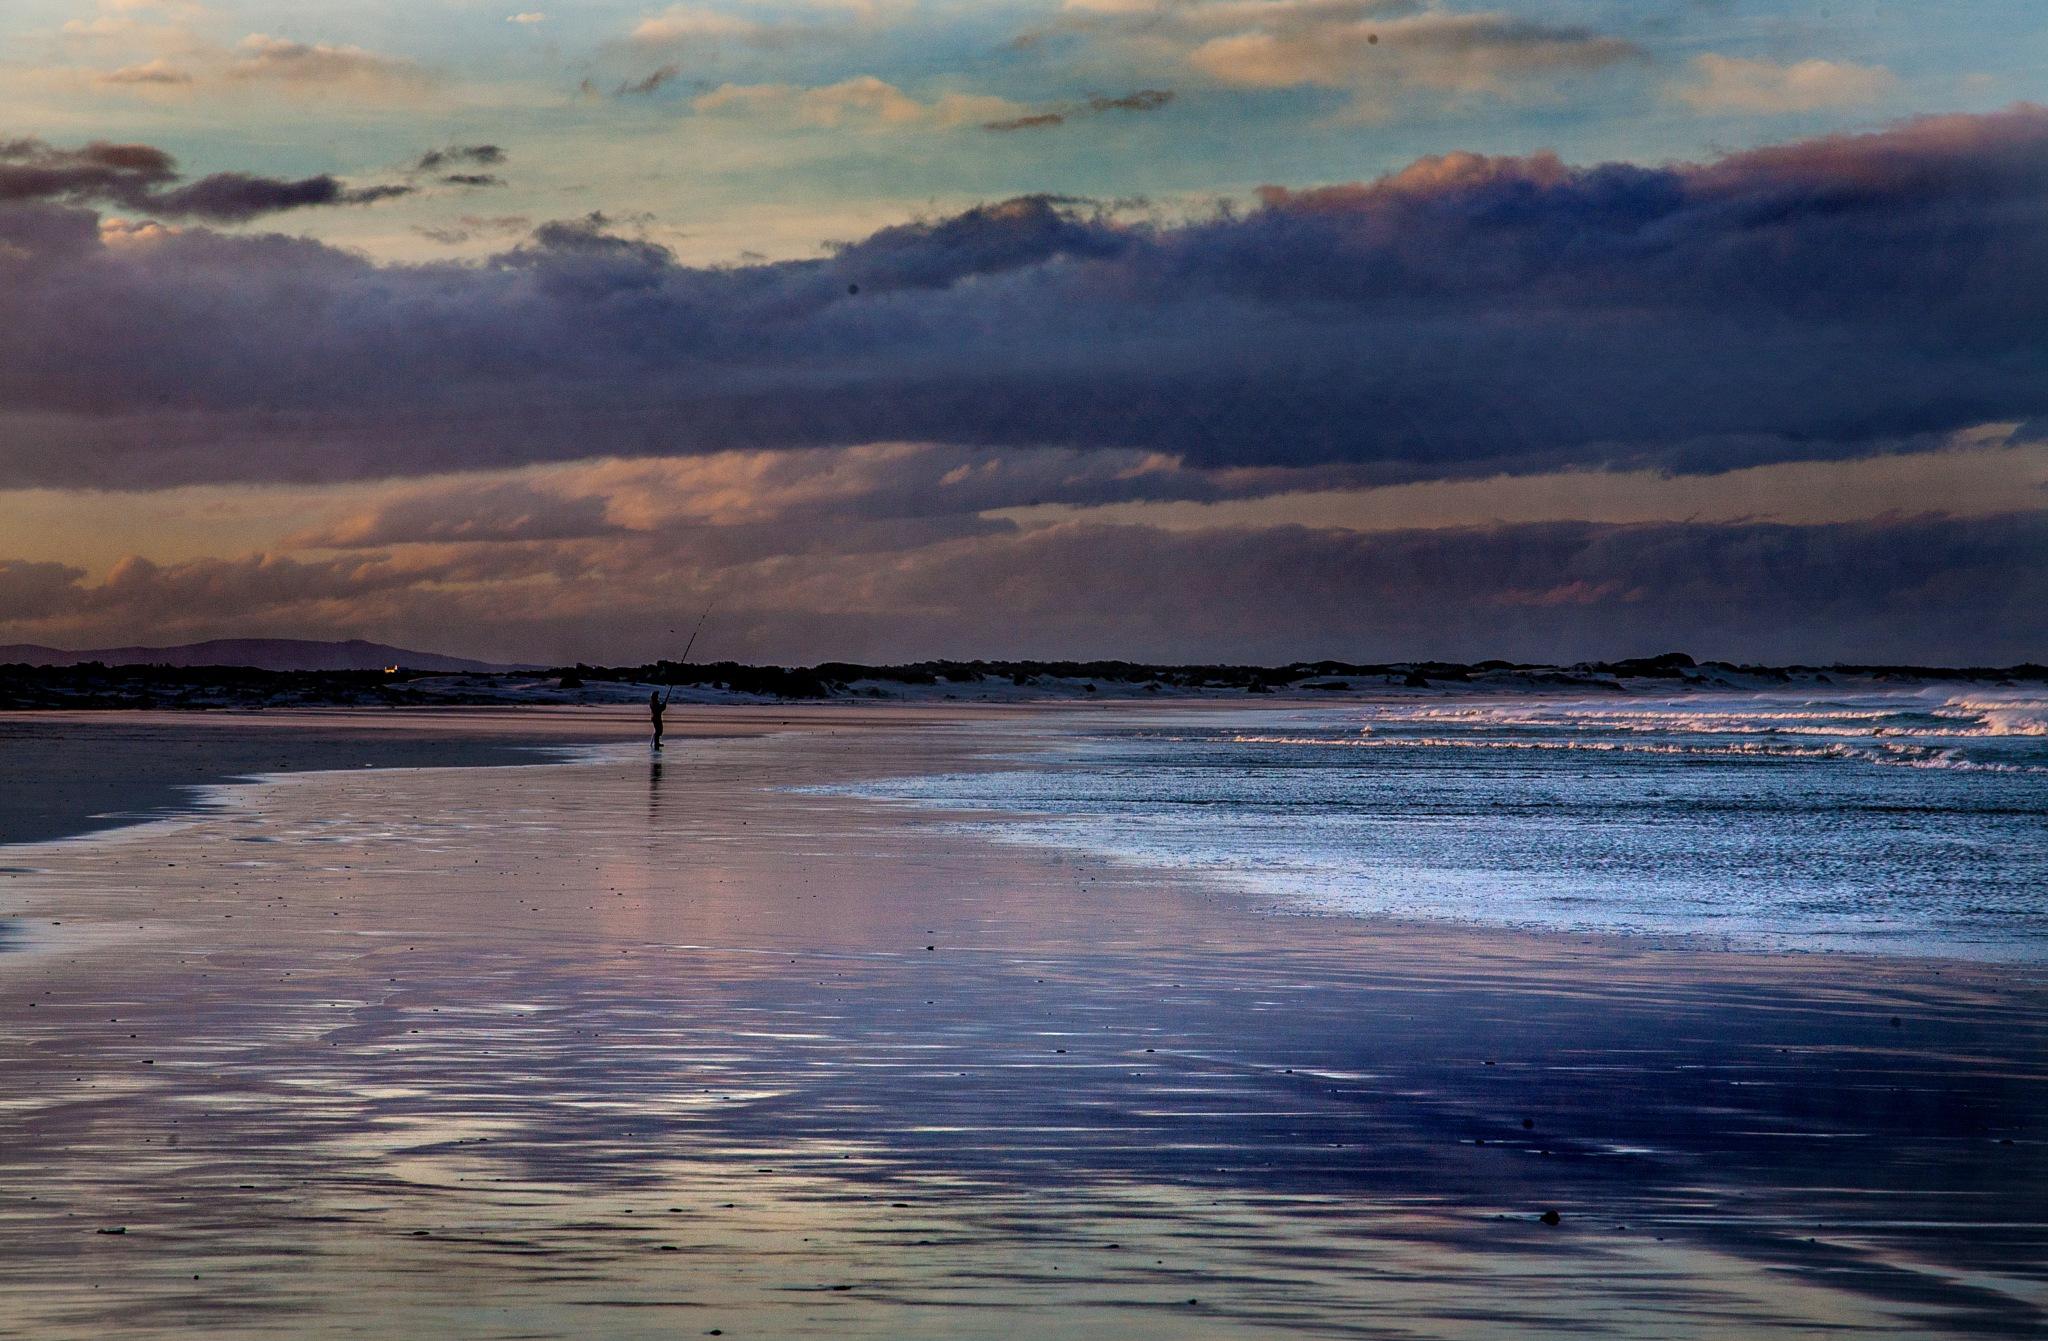 Fishing at sunset by Nauta Piscatorque